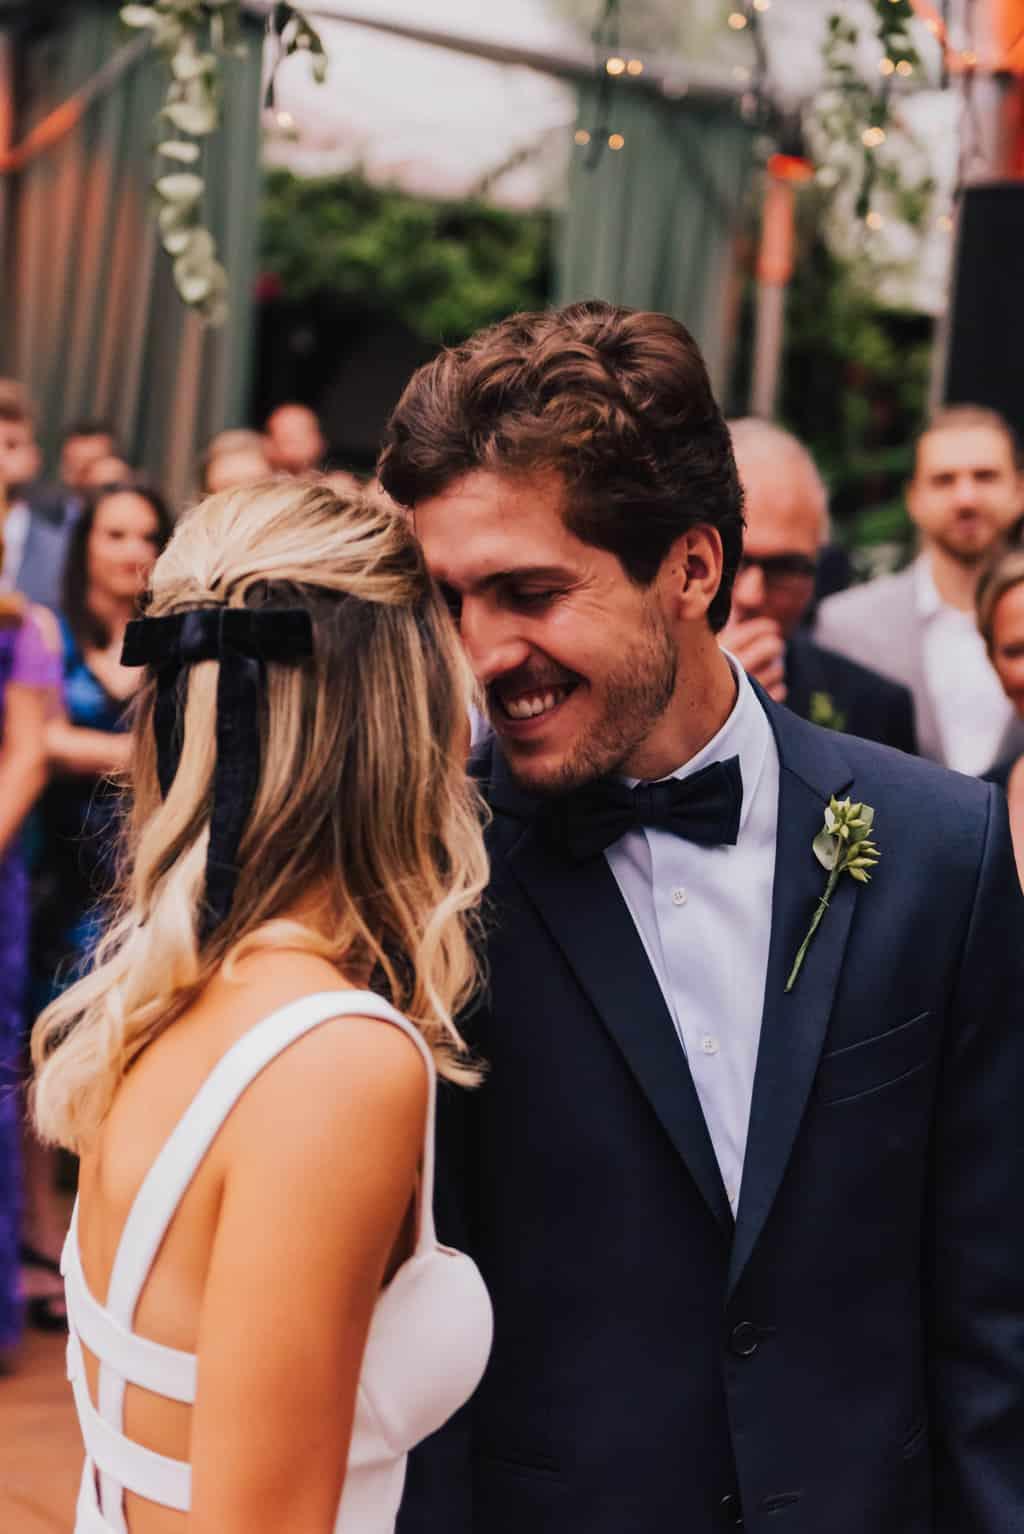 casamento-Maitê-e-Breno-cerimonia-no-jardim-Fotografia-Mana-Gollo-Hotel-Timbó-Park-noivos-no-altar46